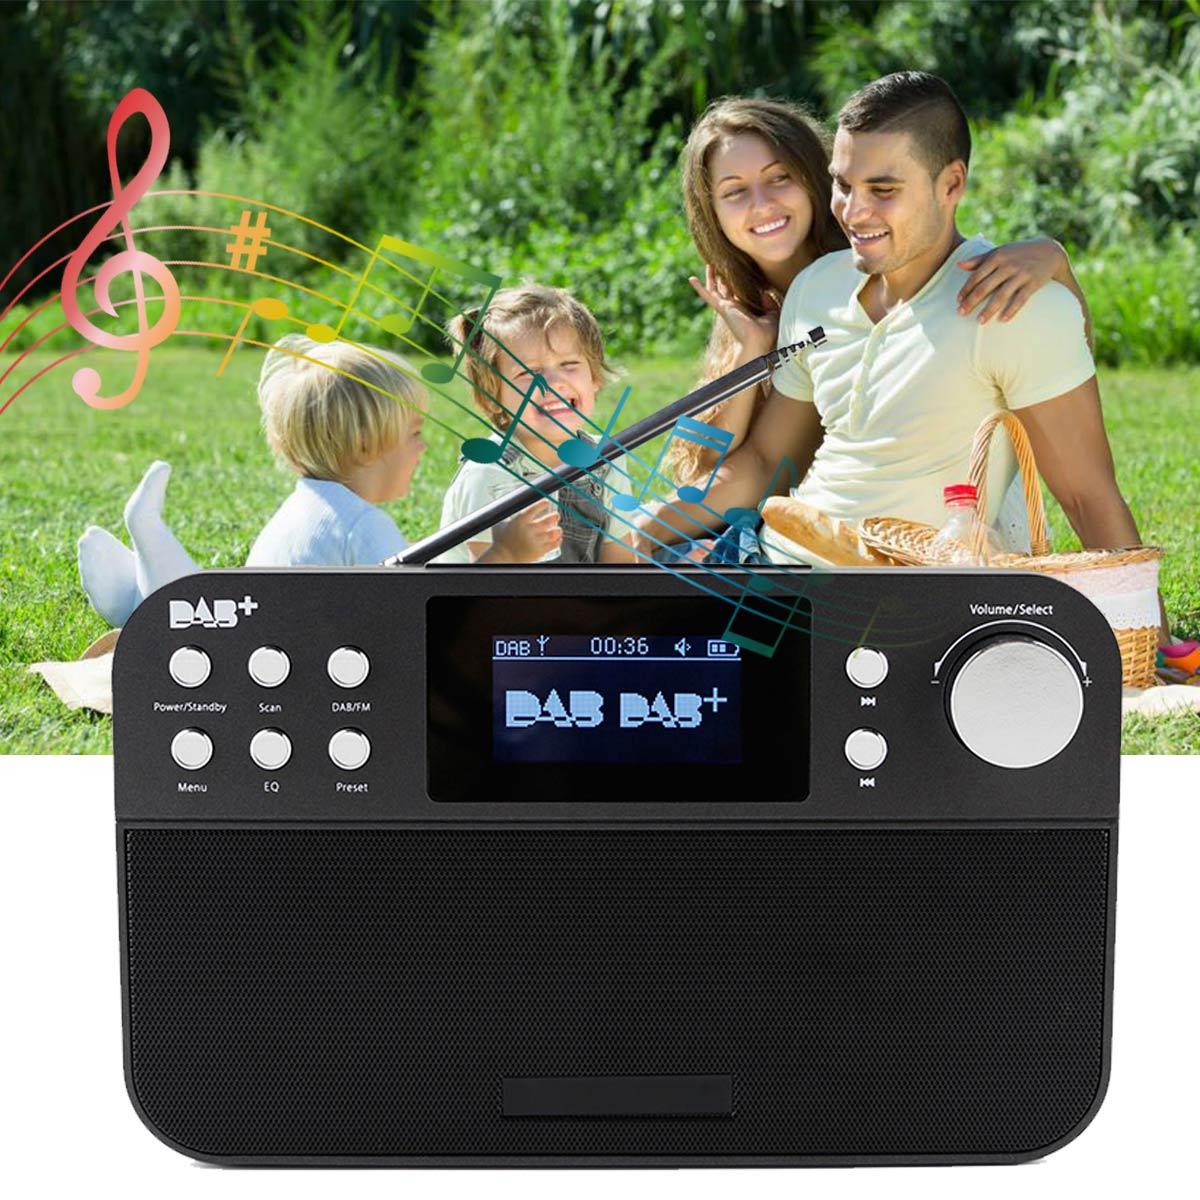 Portable Numérique mini radio Récepteur TFT bluetooth radio-réveil Sommeil Minuterie enceinte de musique Soutien RDS FM DAB DAB + MP3 USB